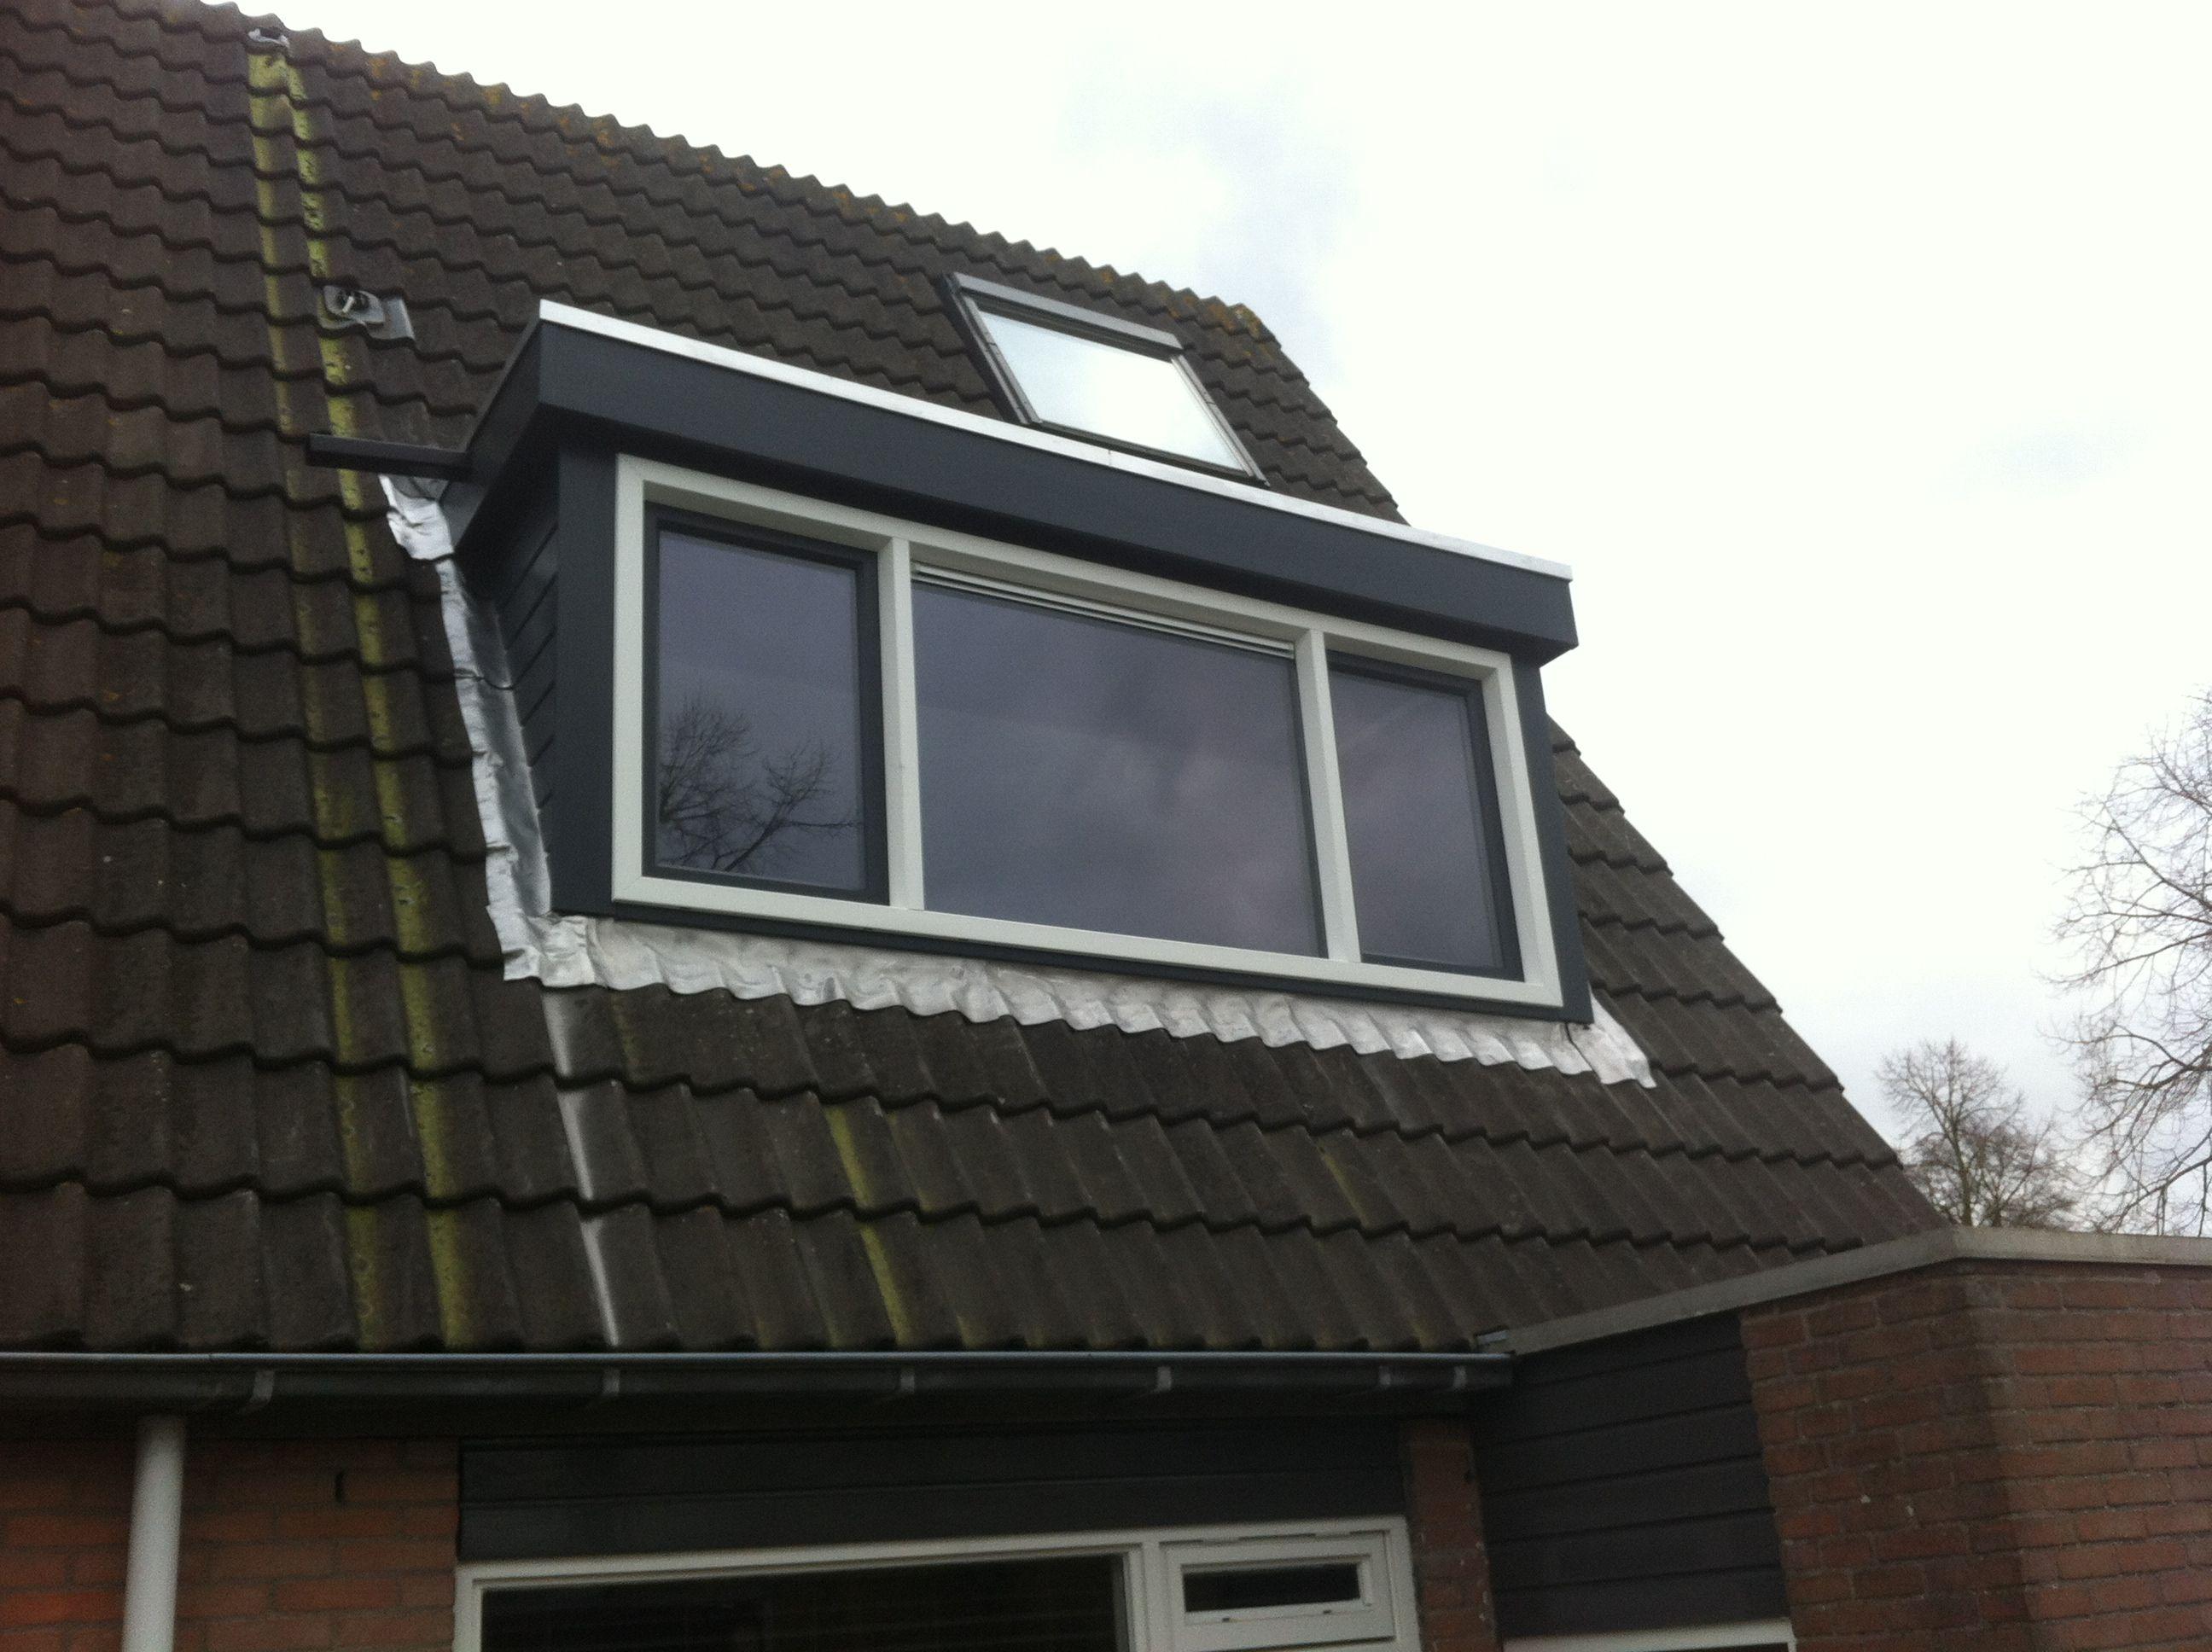 Nieuwe dakkapel in Nieuwegein. Zolder en Dakkapellen